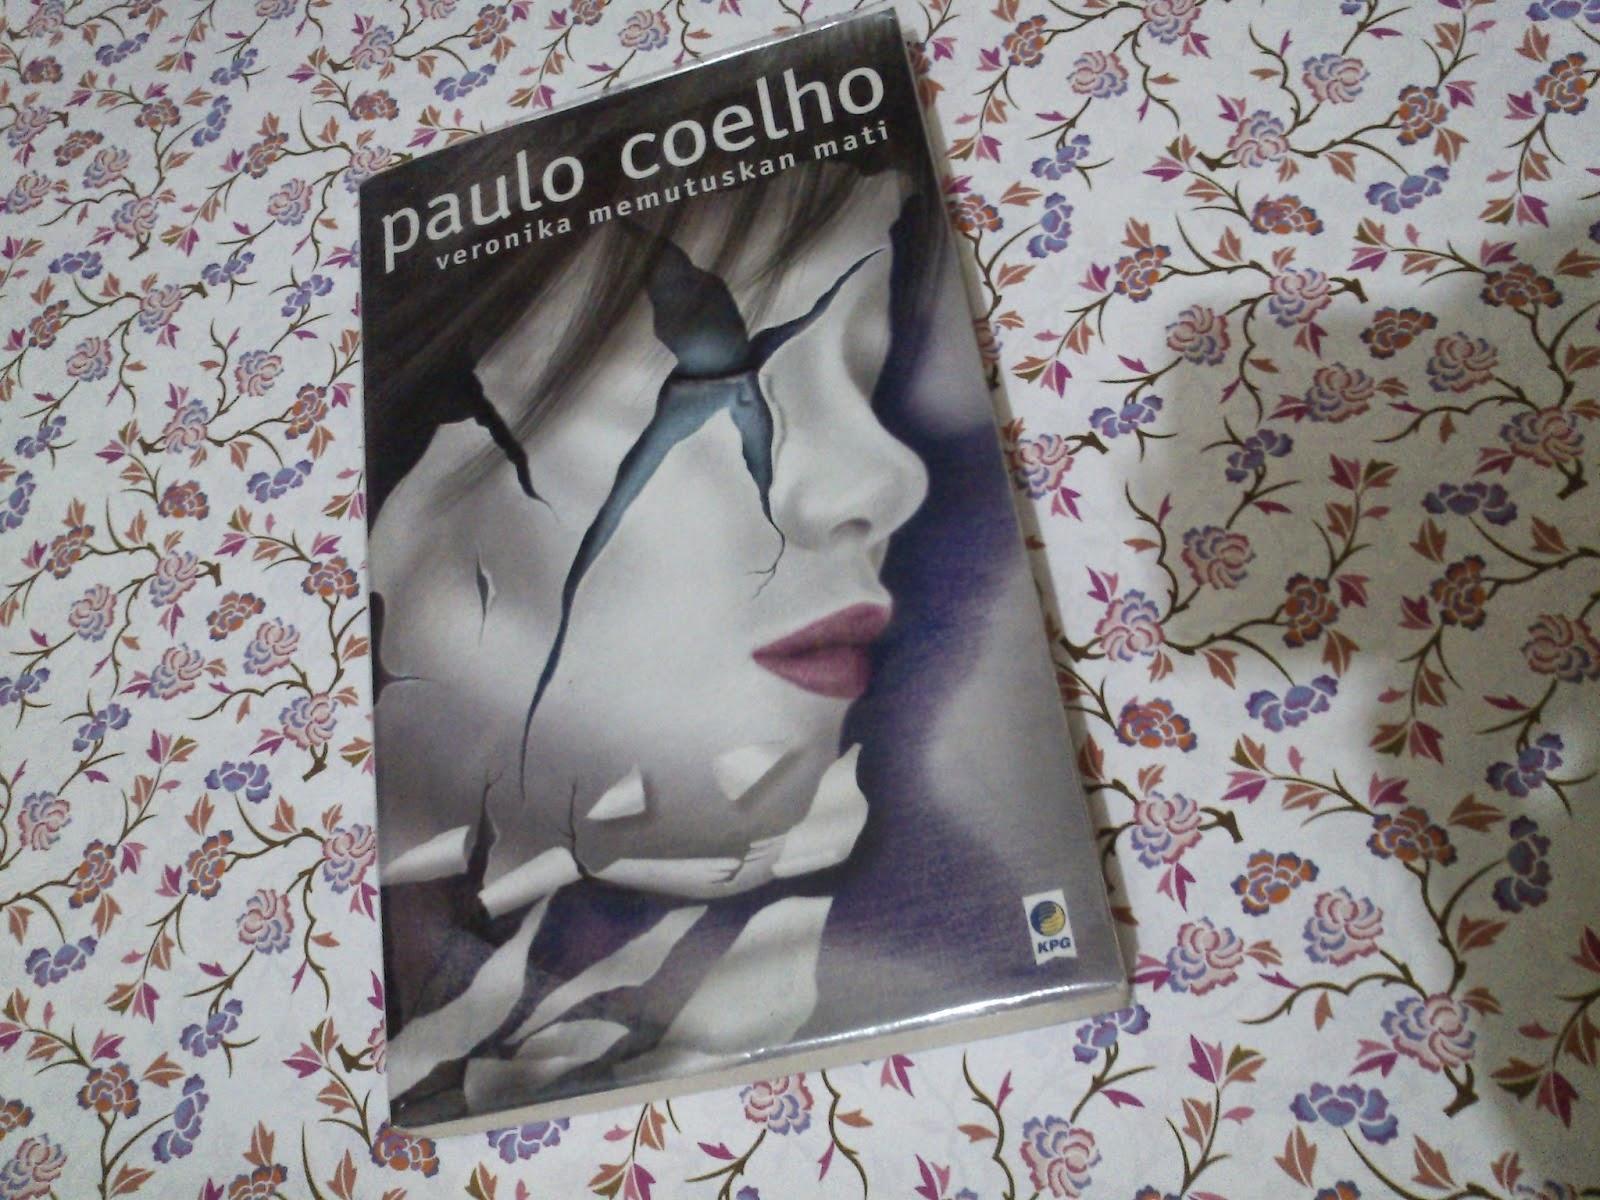 Paolo Coelho dan Veronica Memutuskan Mati